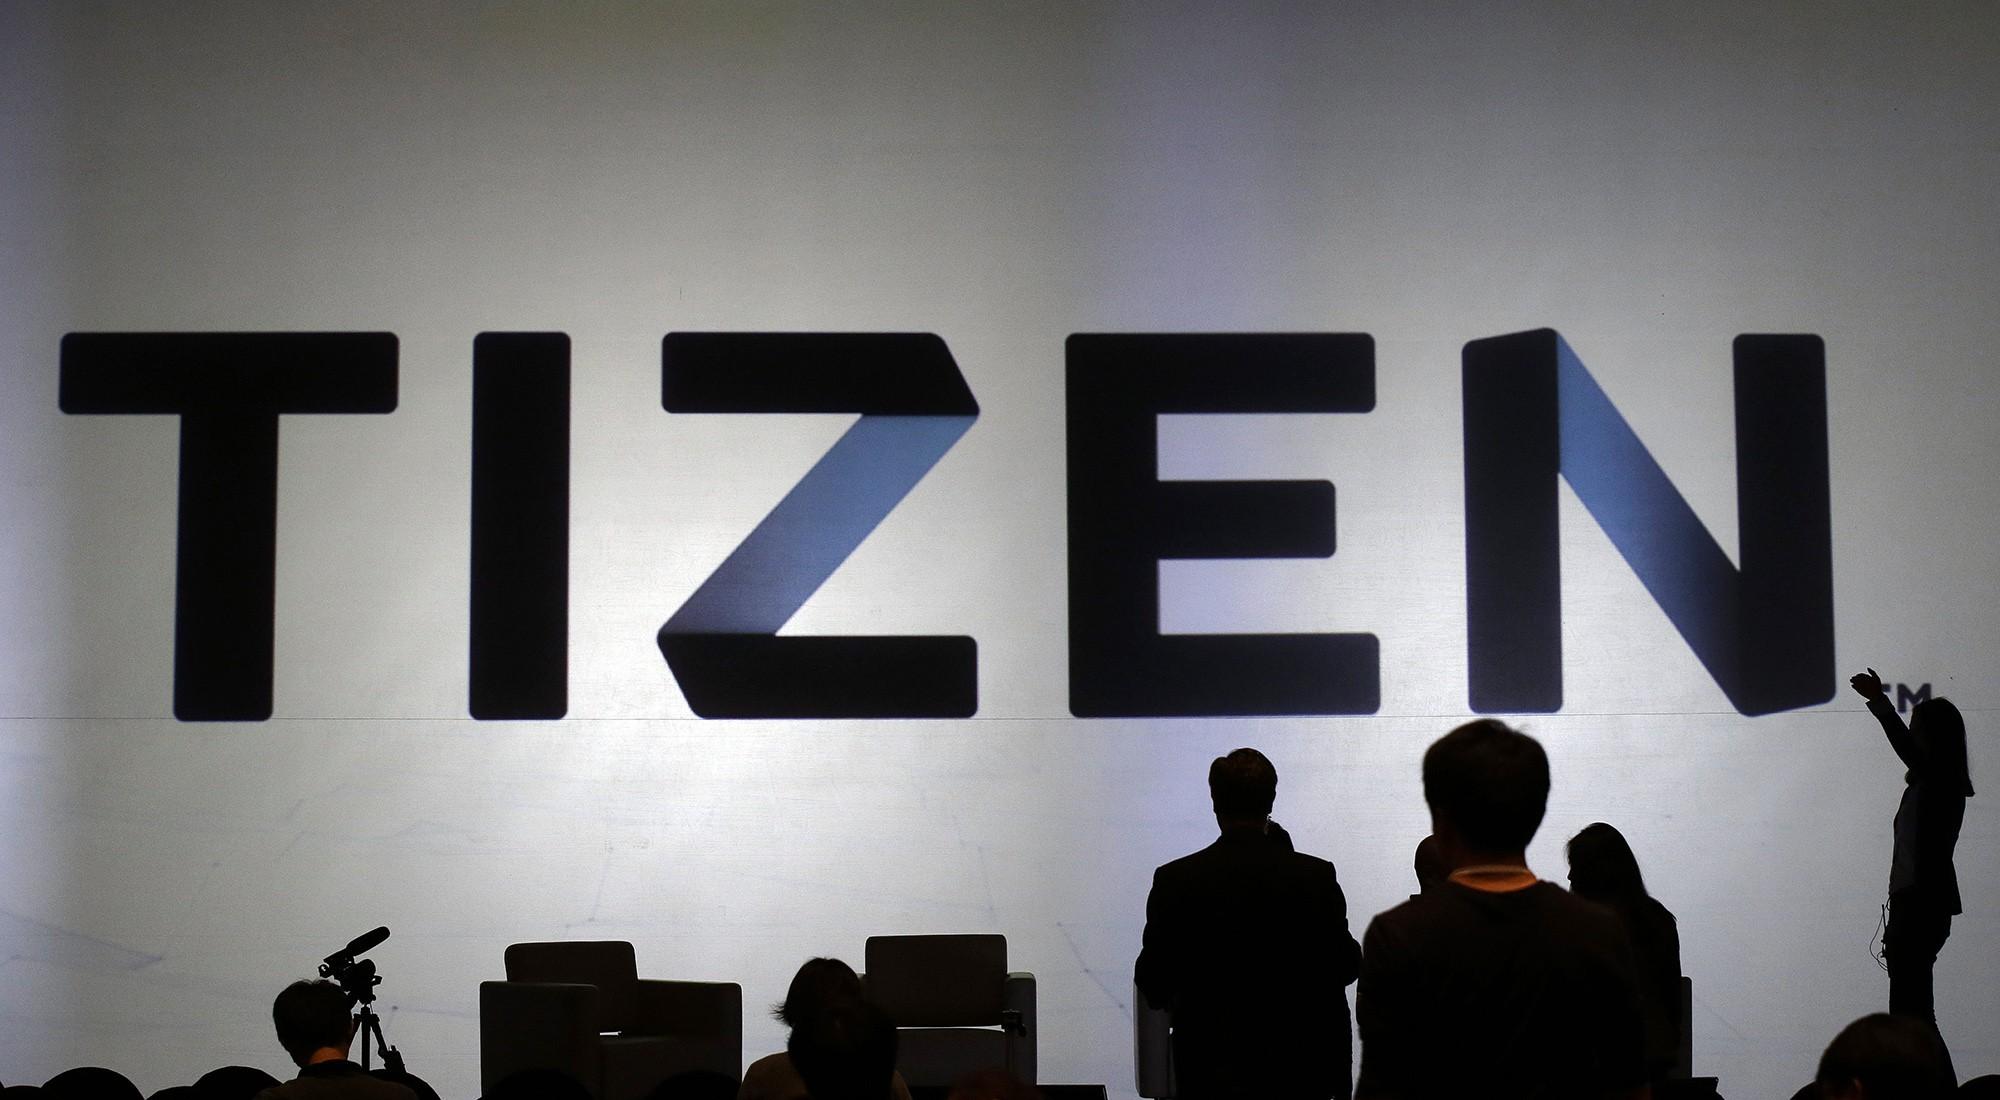 image00113 - Mẫu điện thoại Tizen đầu tiên chuẩn bị trình làng